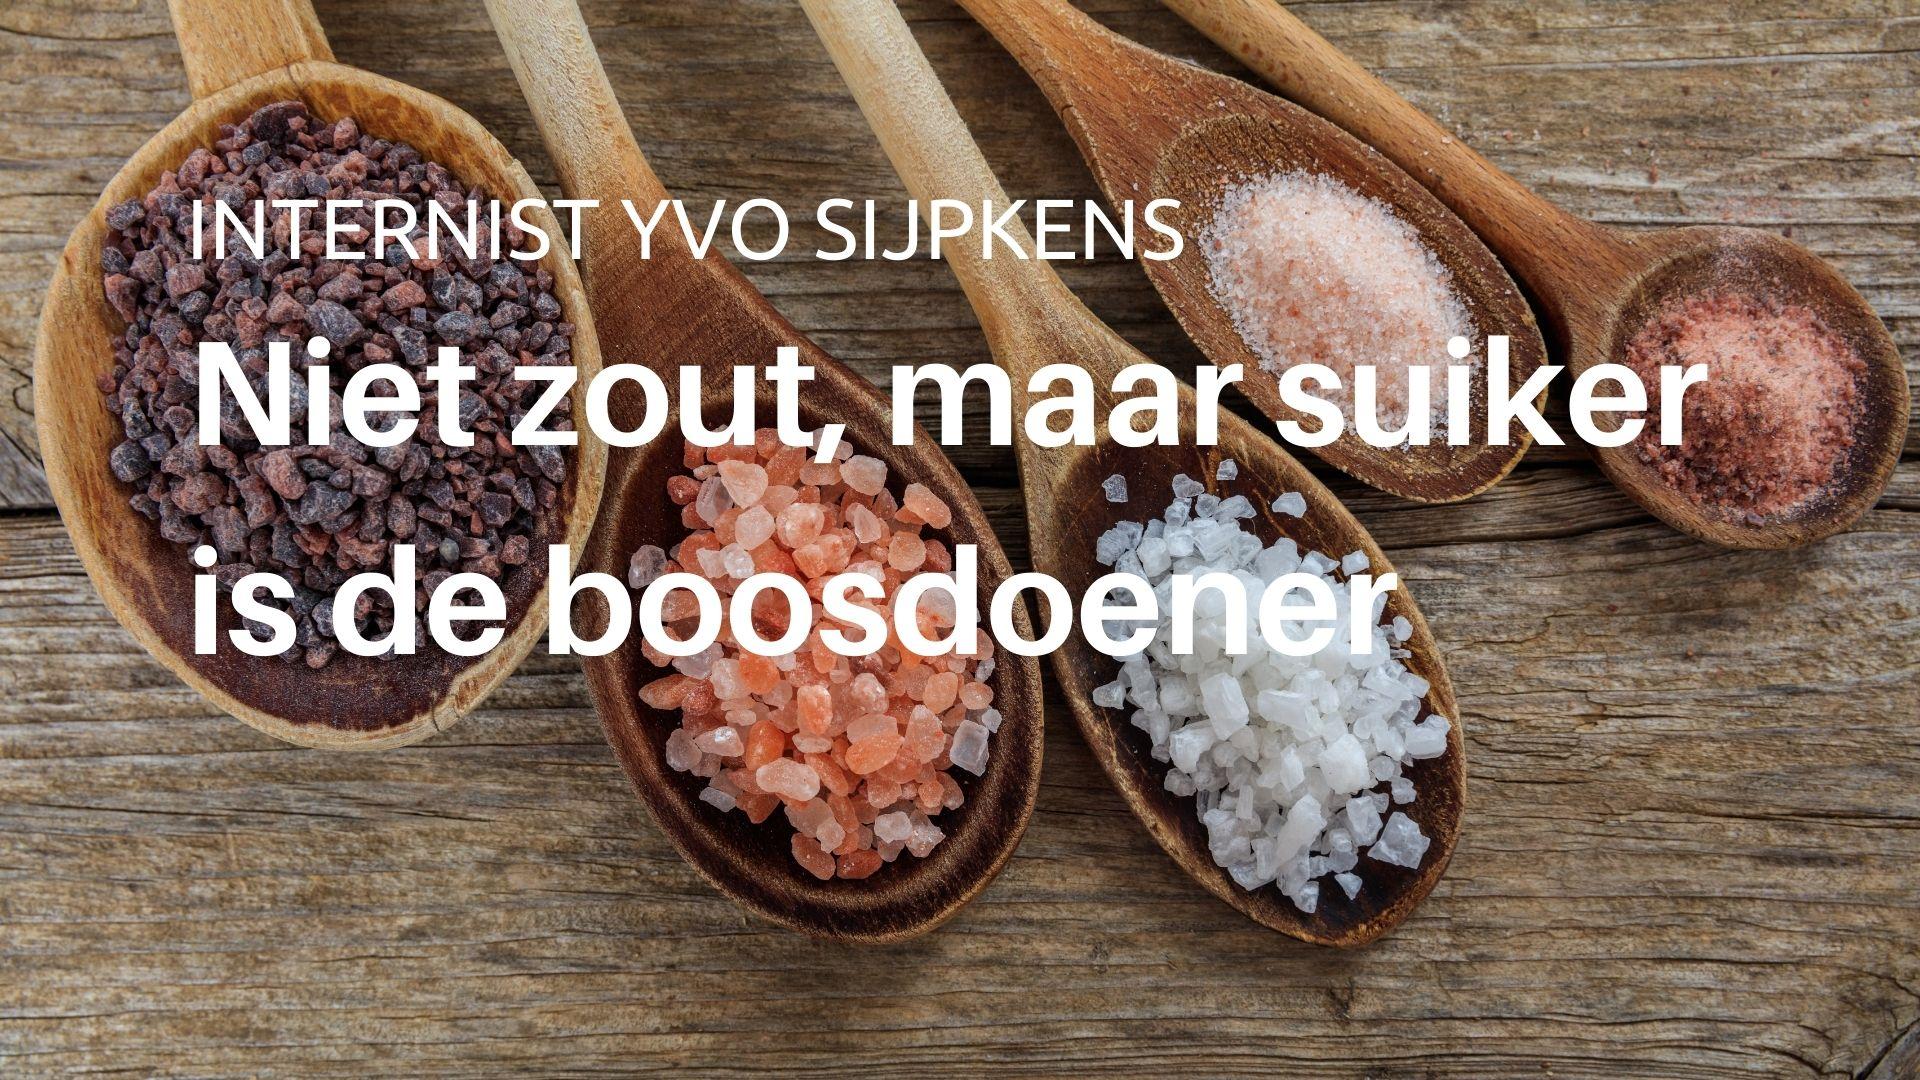 Internist Yvo Sijpkens Niet zout is de boosdoener maar suiker